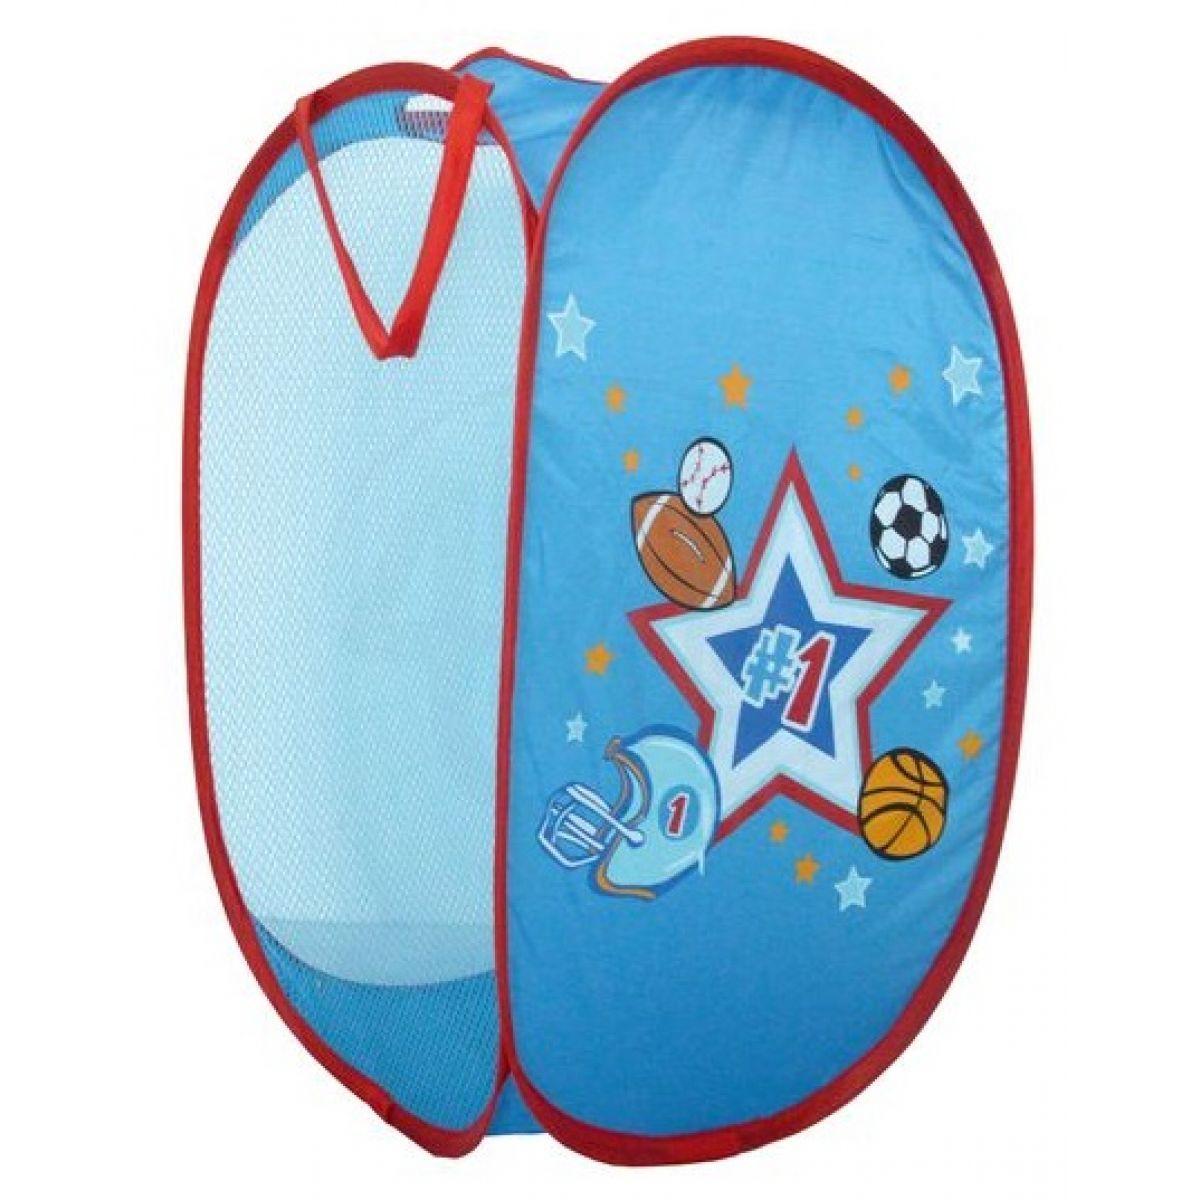 Teddies Koš na hračky modrý pro kluky 363658cm polyester v sáčku